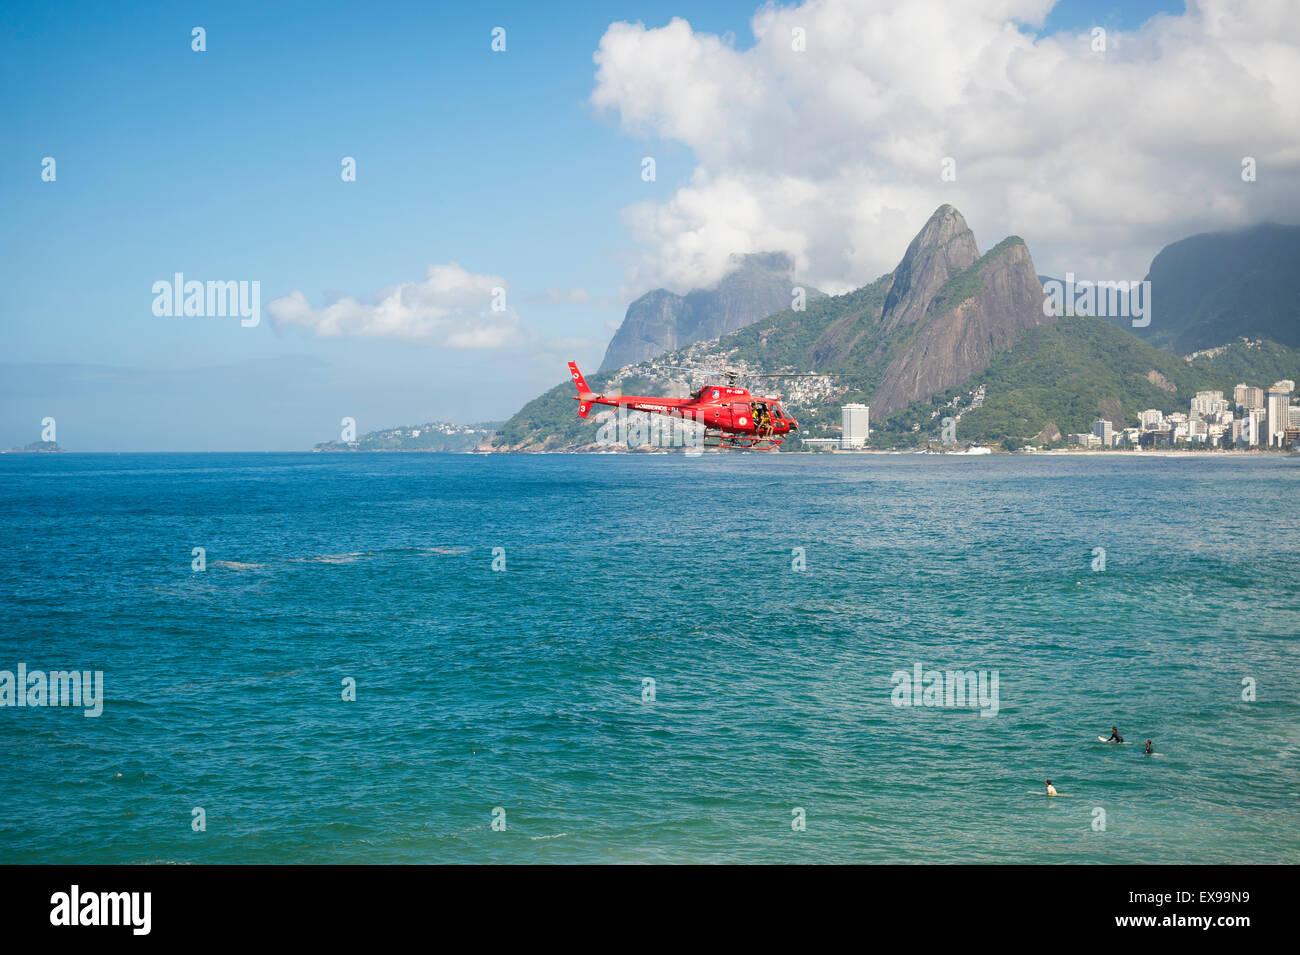 RIO DE JANEIRO - MARCH 22, 2015: Red Brazilian lifeguard bombeiros helicopter patrols the beaches. - Stock Image